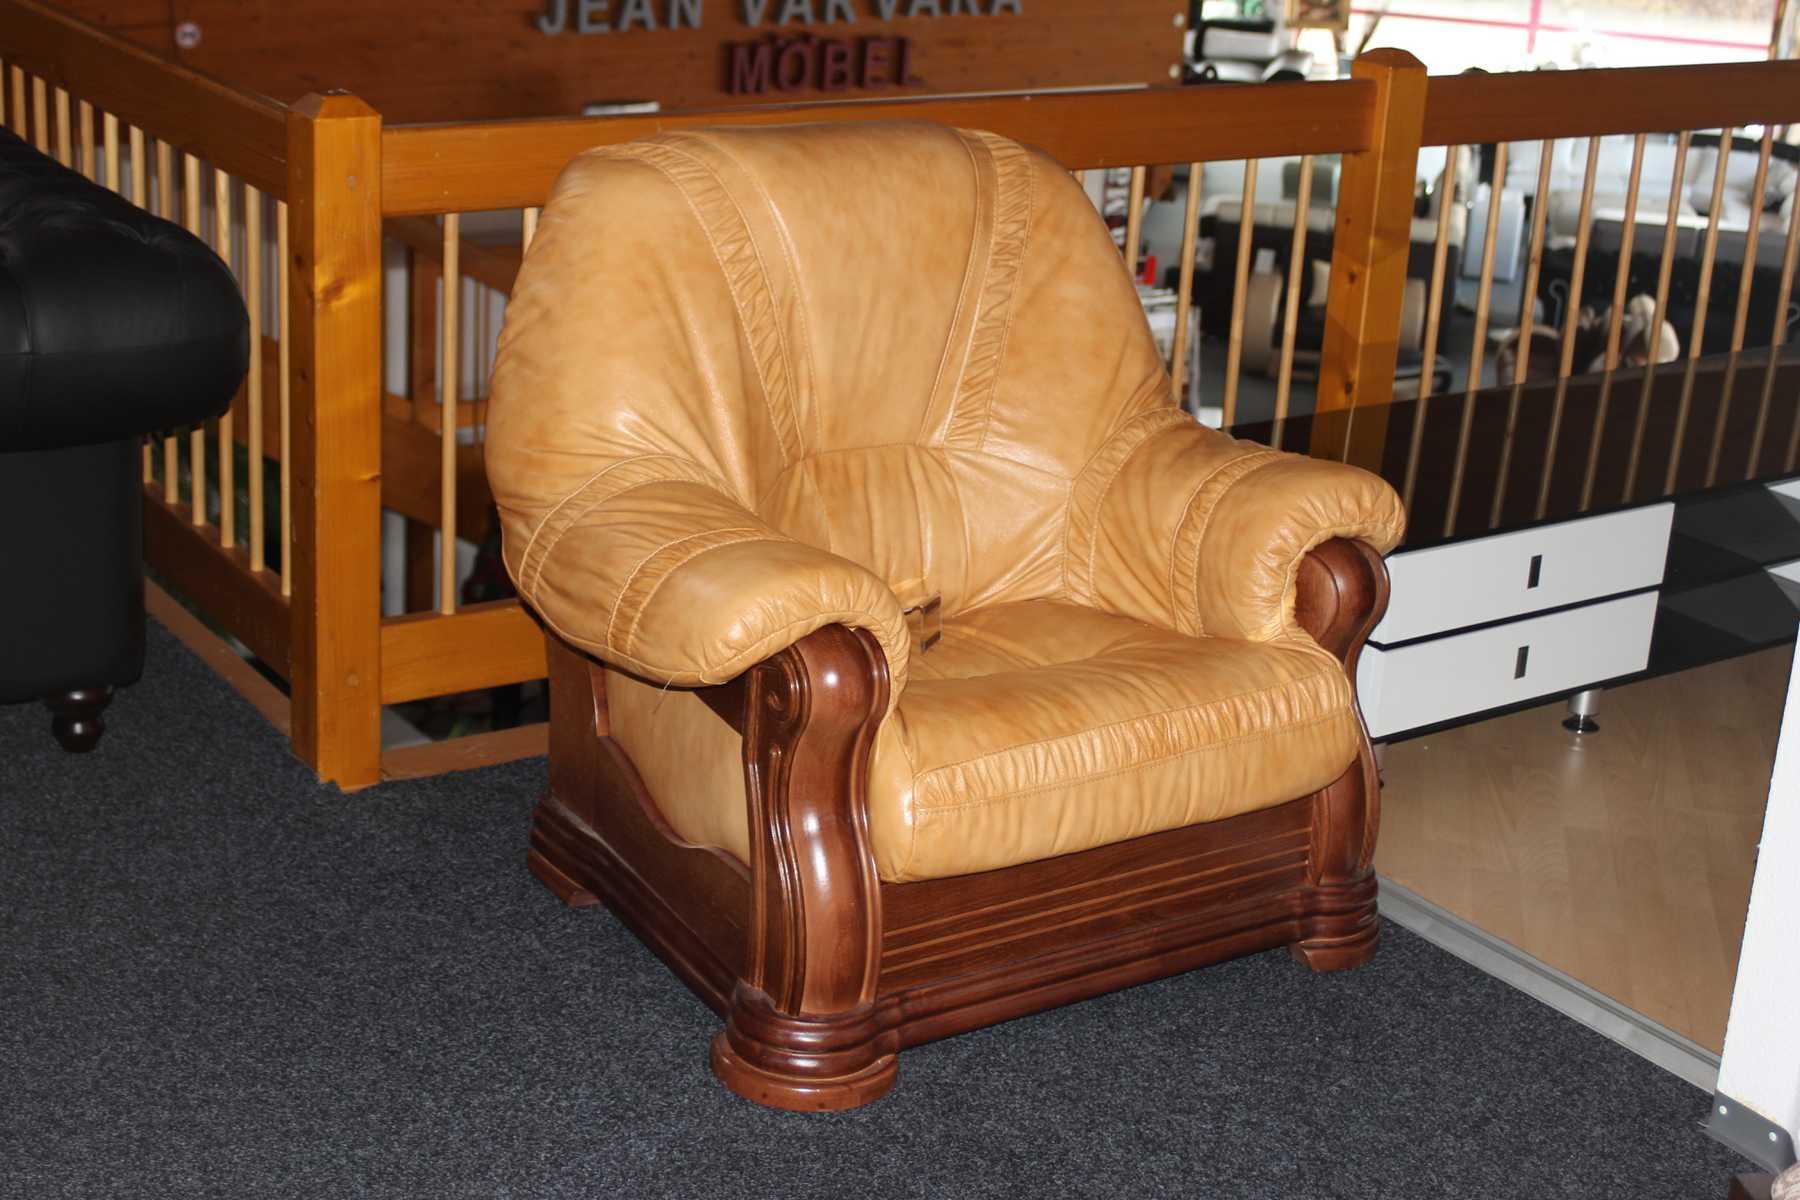 sessel elegant lounge club fernseh polster 1 sitzer sofa neu vollleder echtleder www jvmoebel. Black Bedroom Furniture Sets. Home Design Ideas